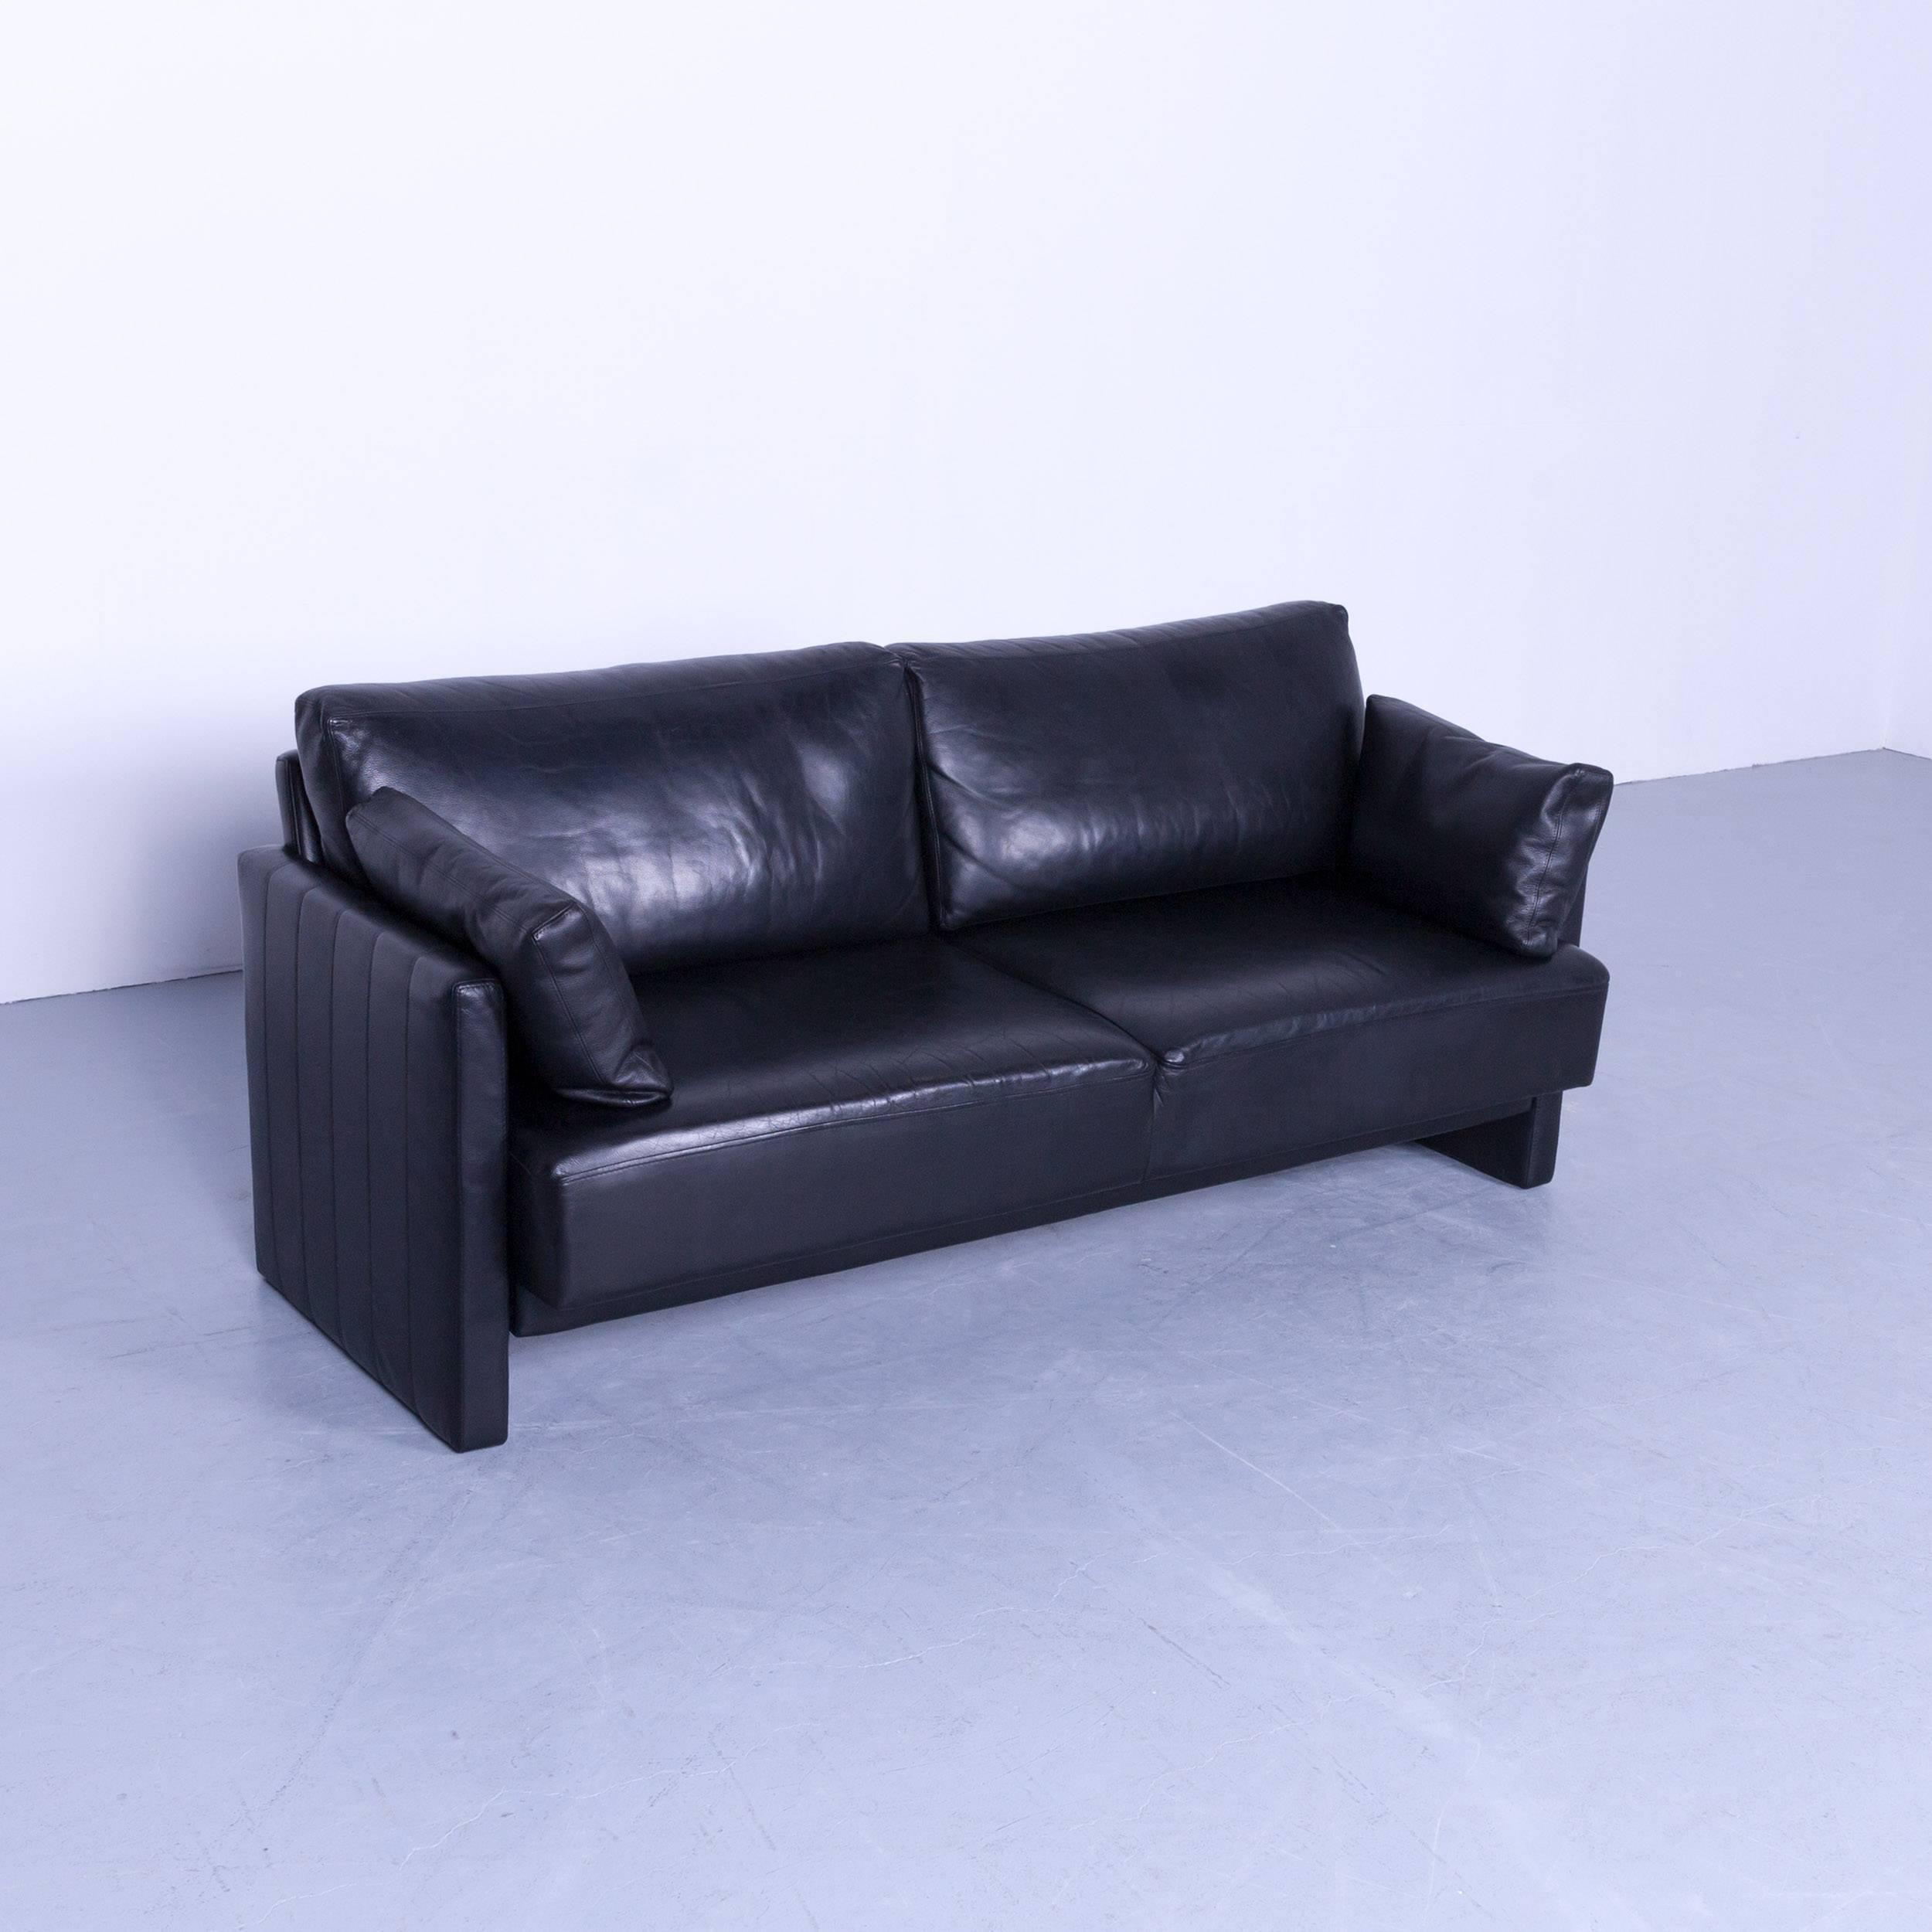 sofagarnitur mit sessel. Black Bedroom Furniture Sets. Home Design Ideas